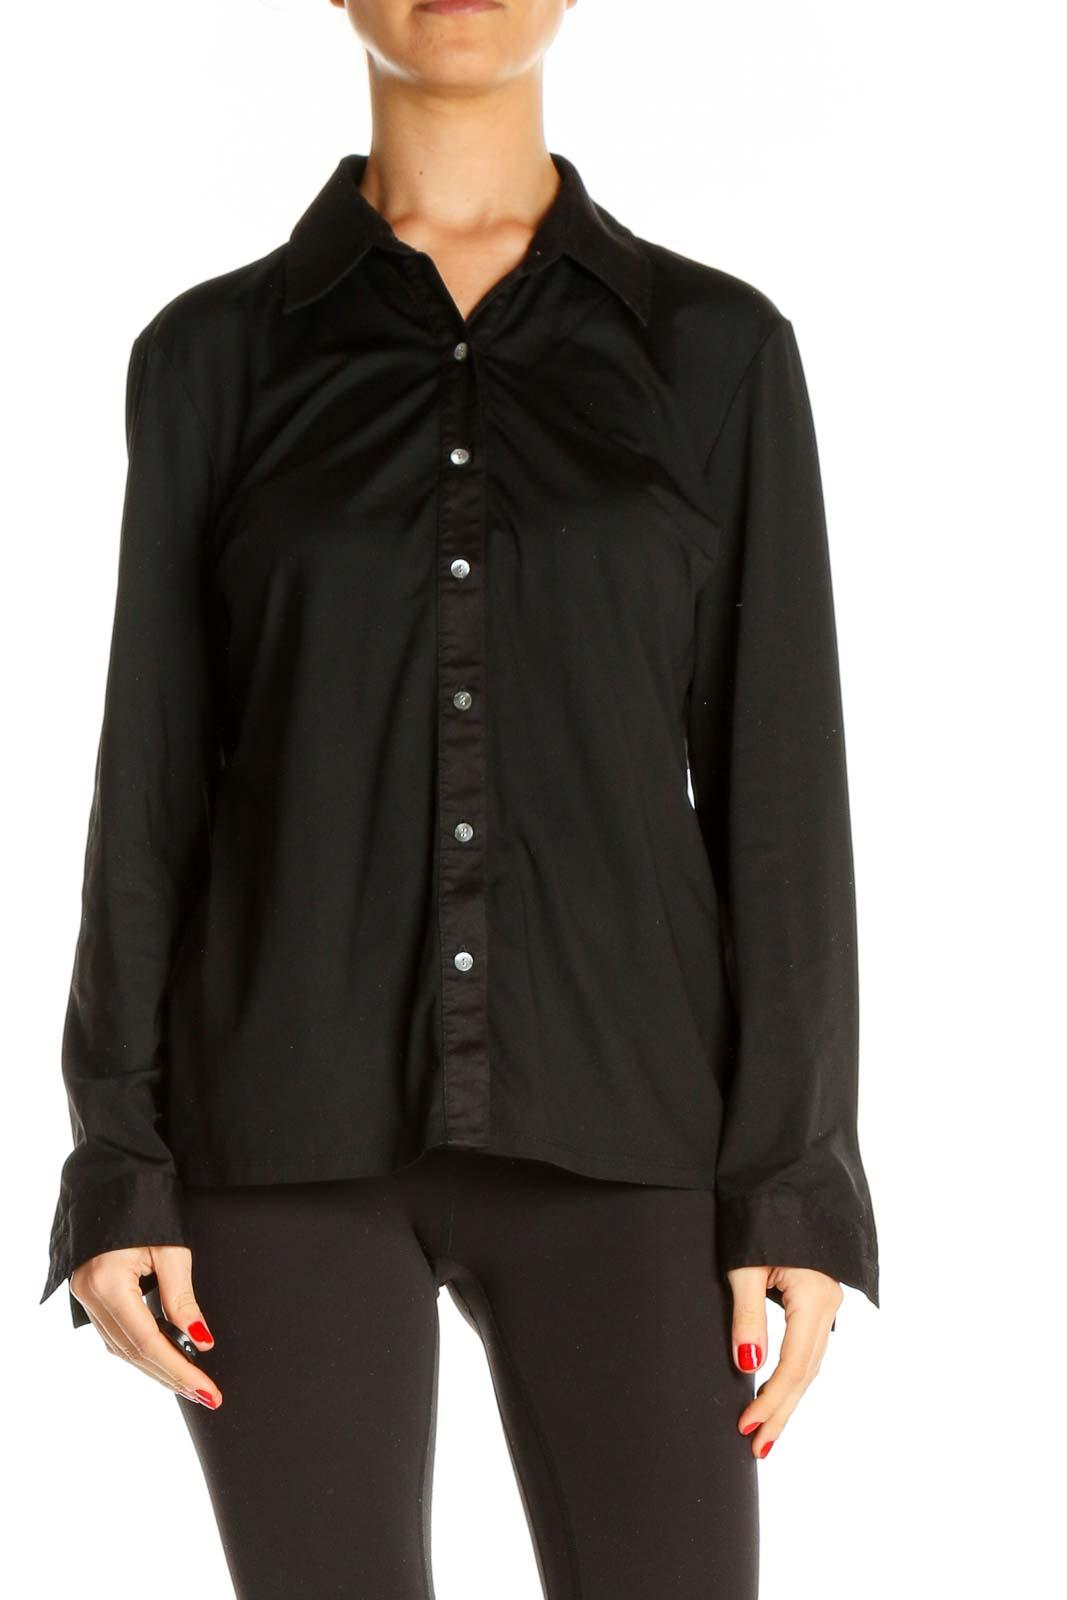 Black Solid Formal Shirt Front